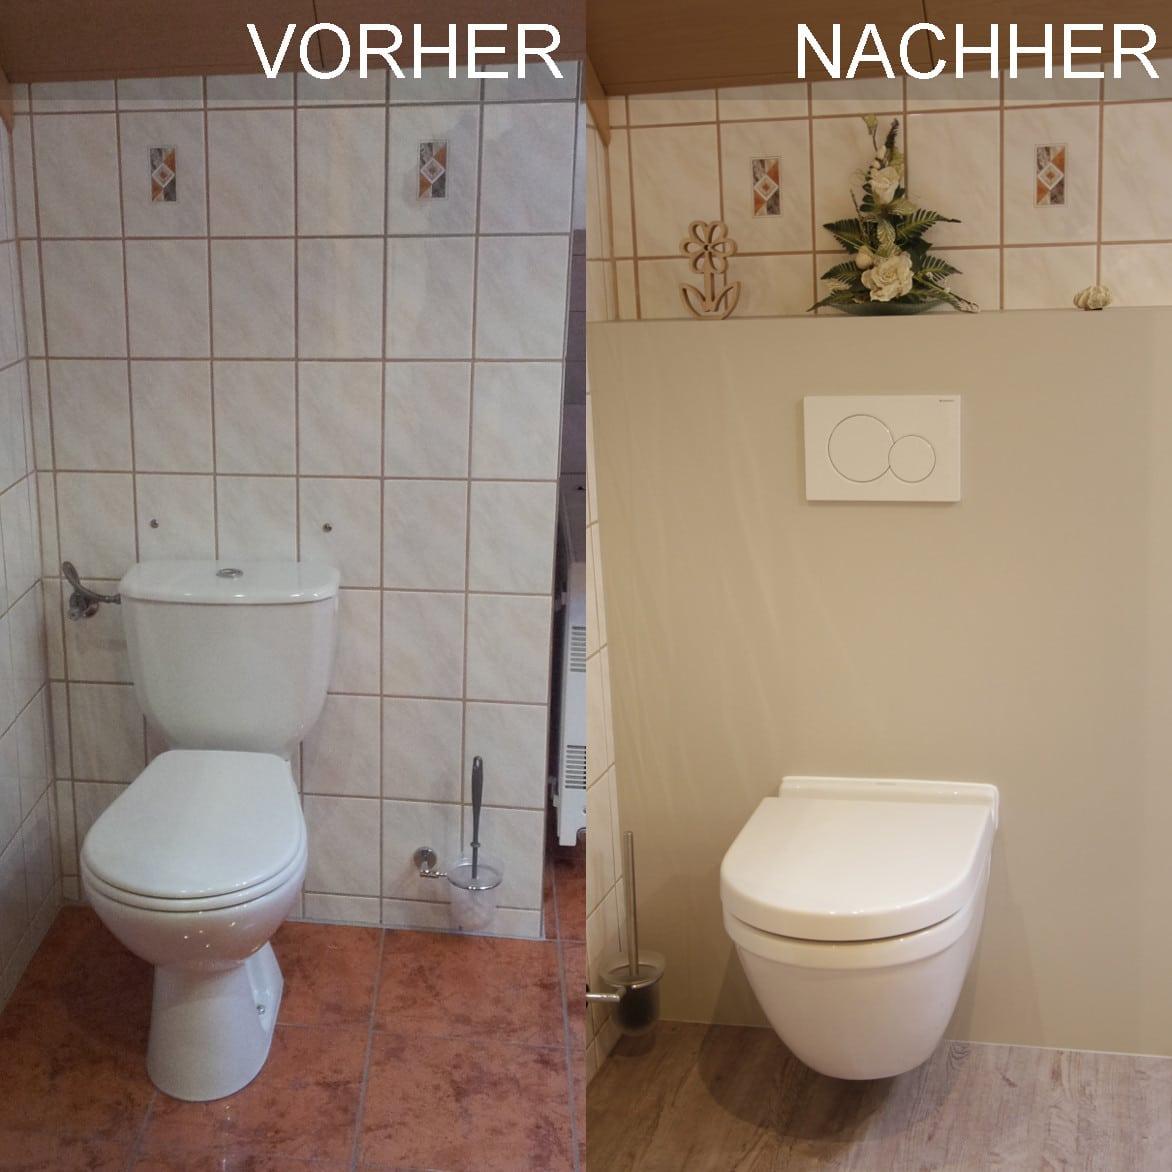 WC vorher nachher mit verdecketem Spülkasten und Wandverkleidung